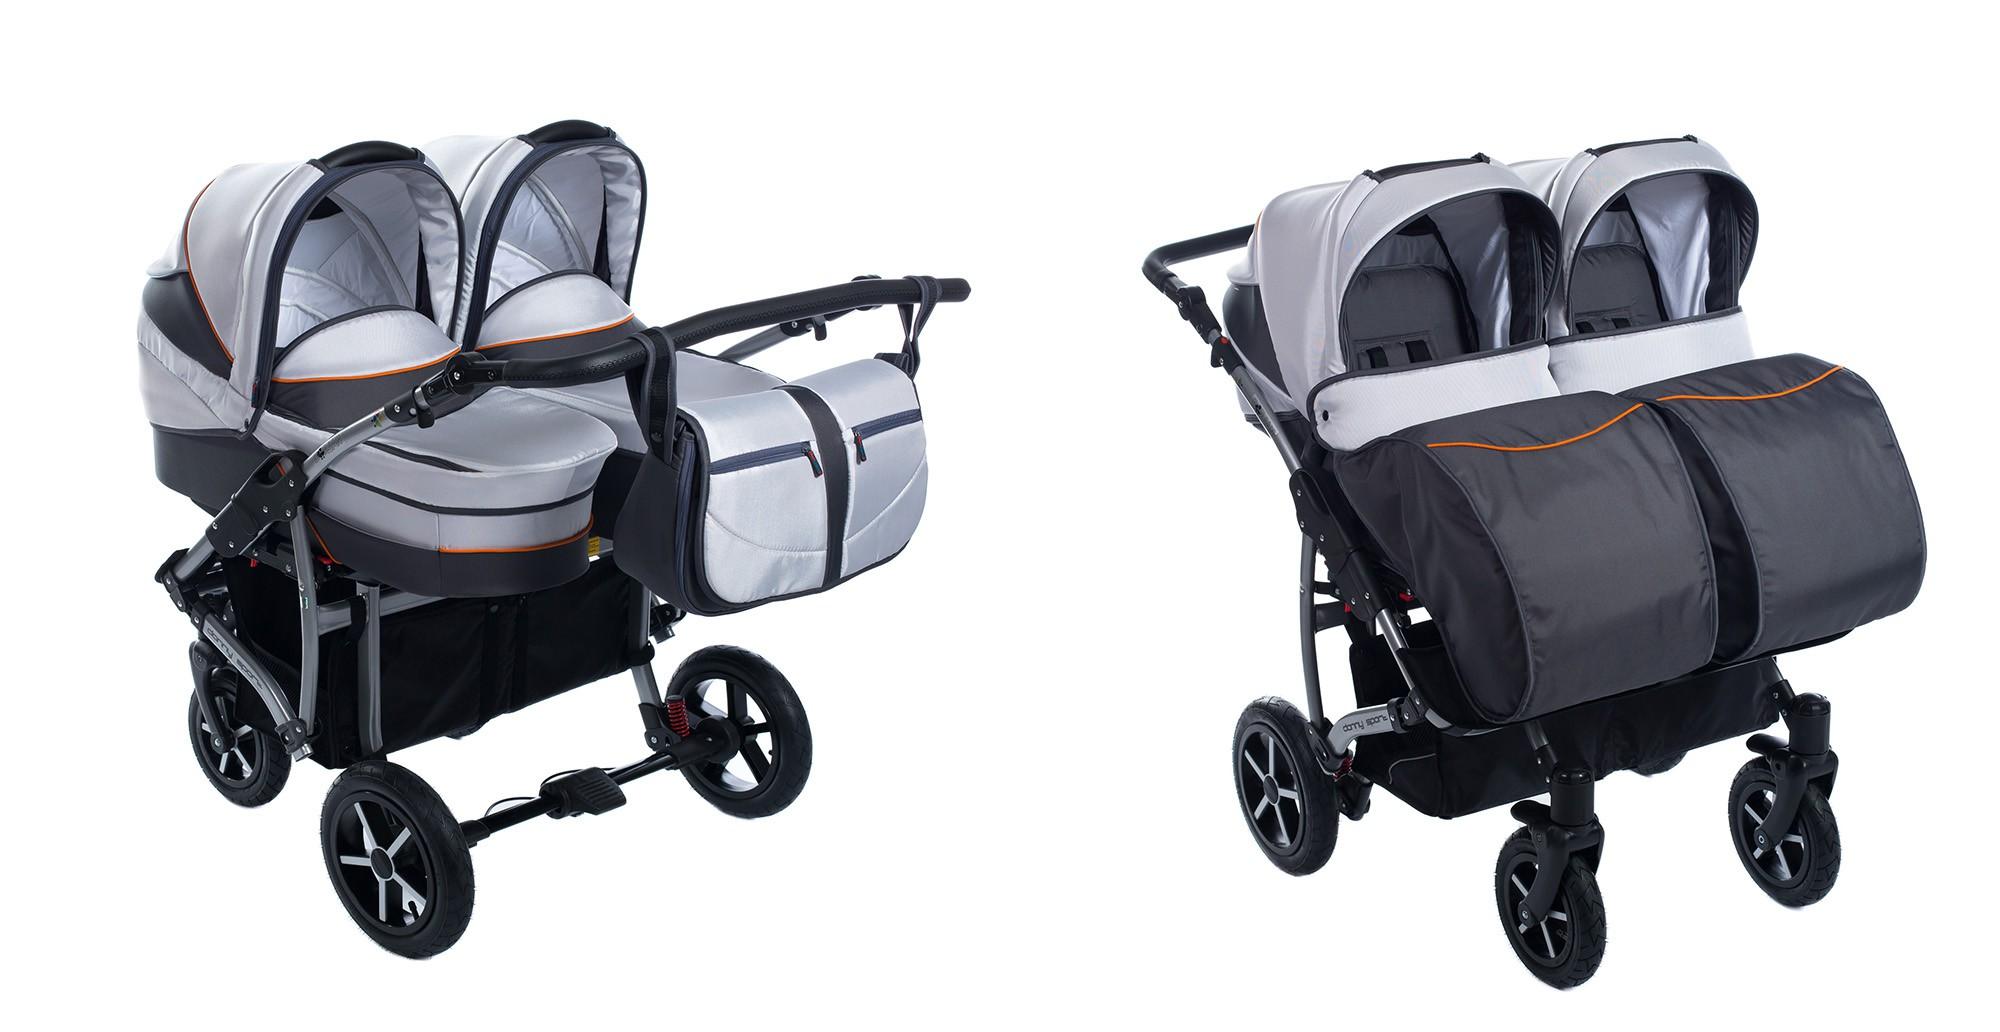 zwillingskinderwagen mit oder ohne babyschalen. Black Bedroom Furniture Sets. Home Design Ideas